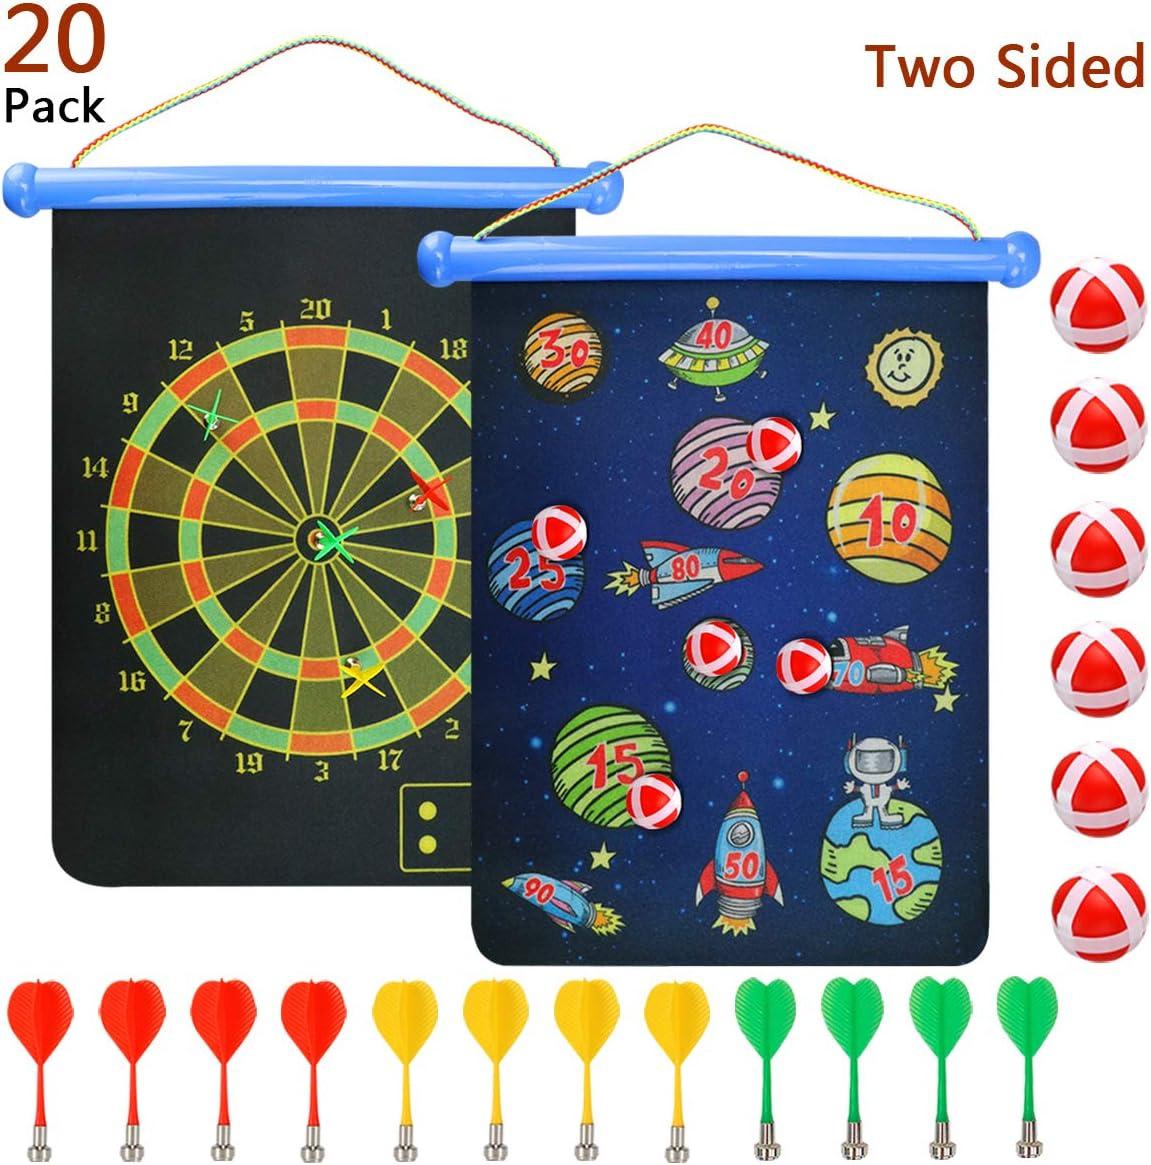 Coddsmz Pizarra magnética para dardos en interiores y exteriores Juegos para niños y adultos con 18 dardos, juguete seguro para colgar fácilmente en cualquier lugar, Color-1, 15IN: Amazon.es: Deportes y aire libre